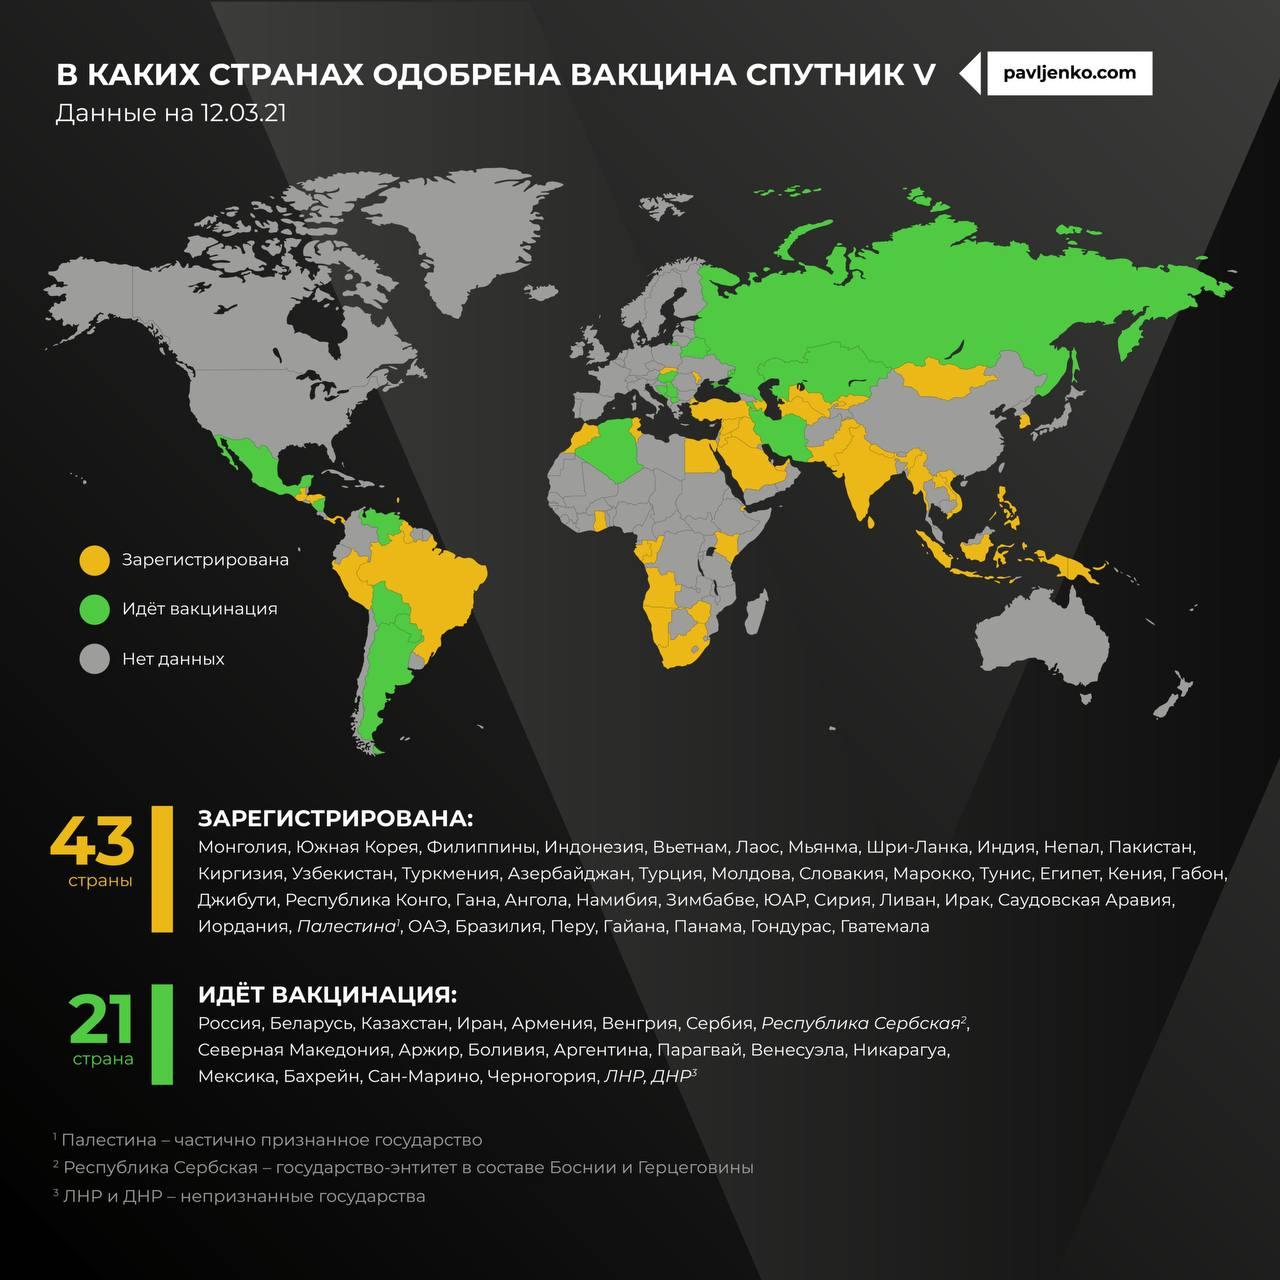 В каких странах зарегистрирована вакцина Спутник V